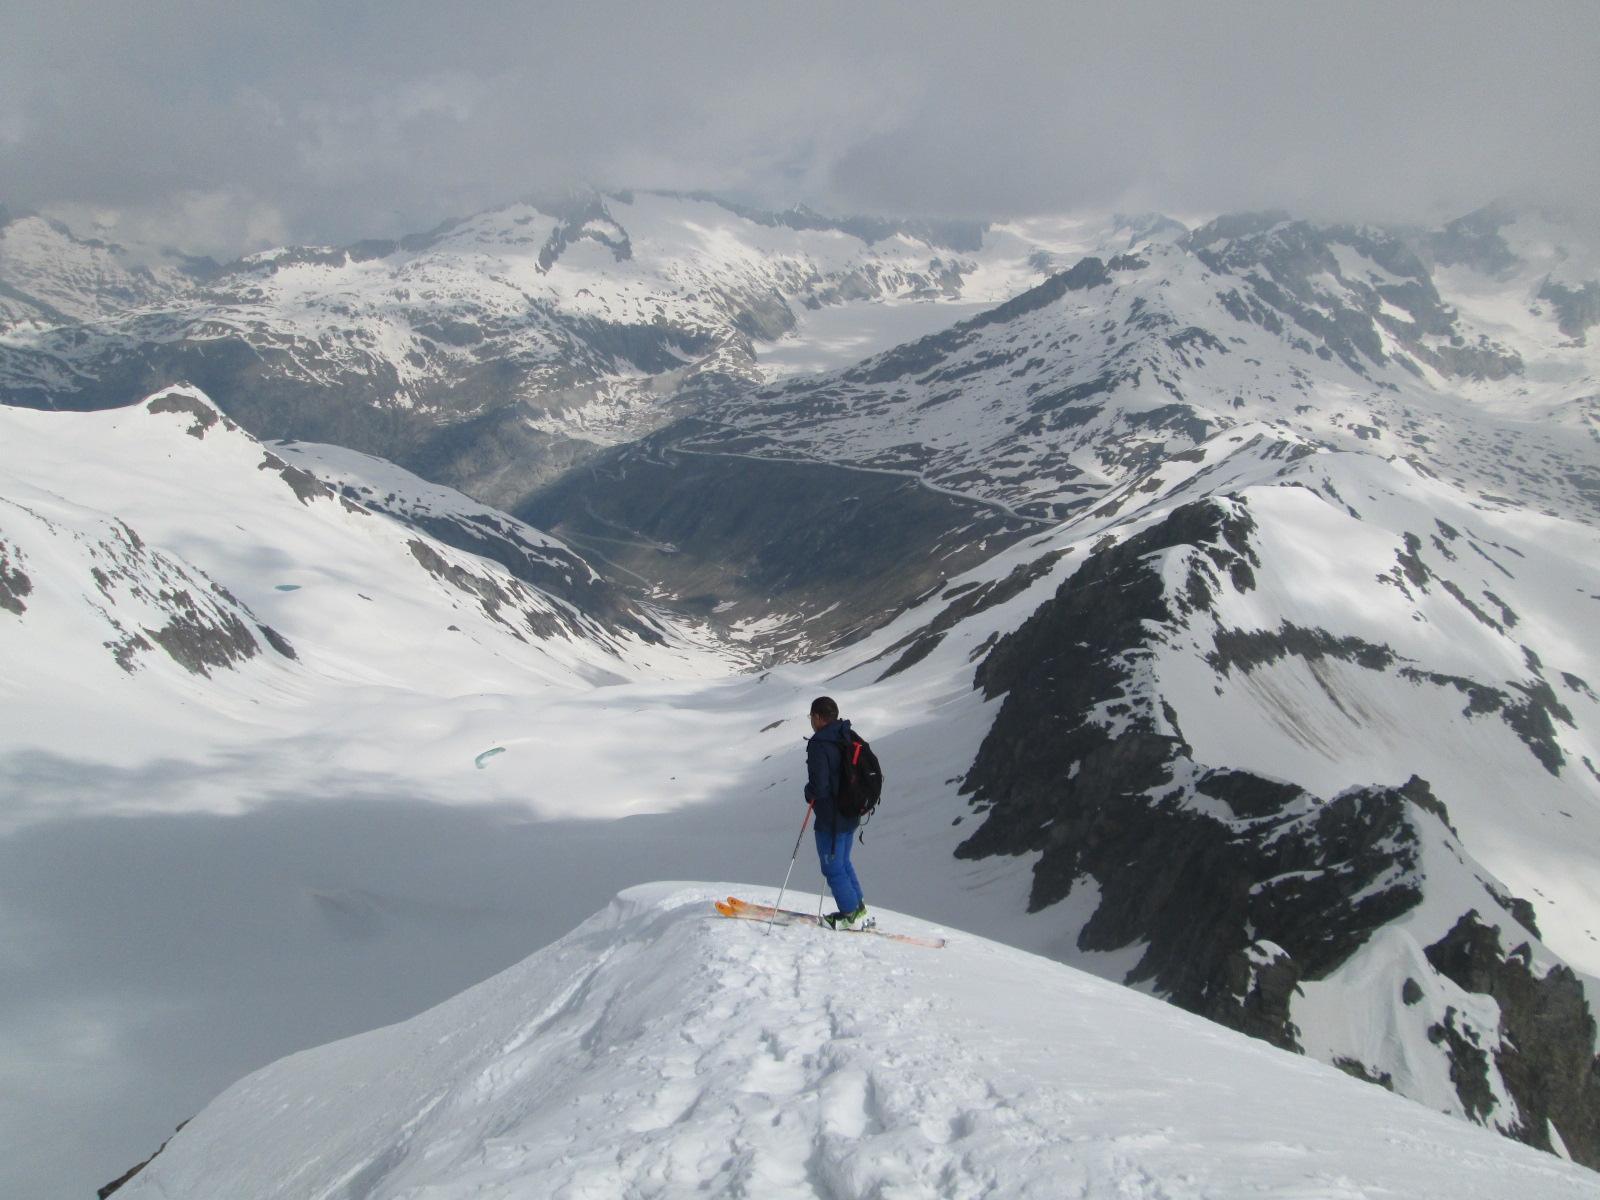 Carlo sci ai piedi sulla cresta esposta...